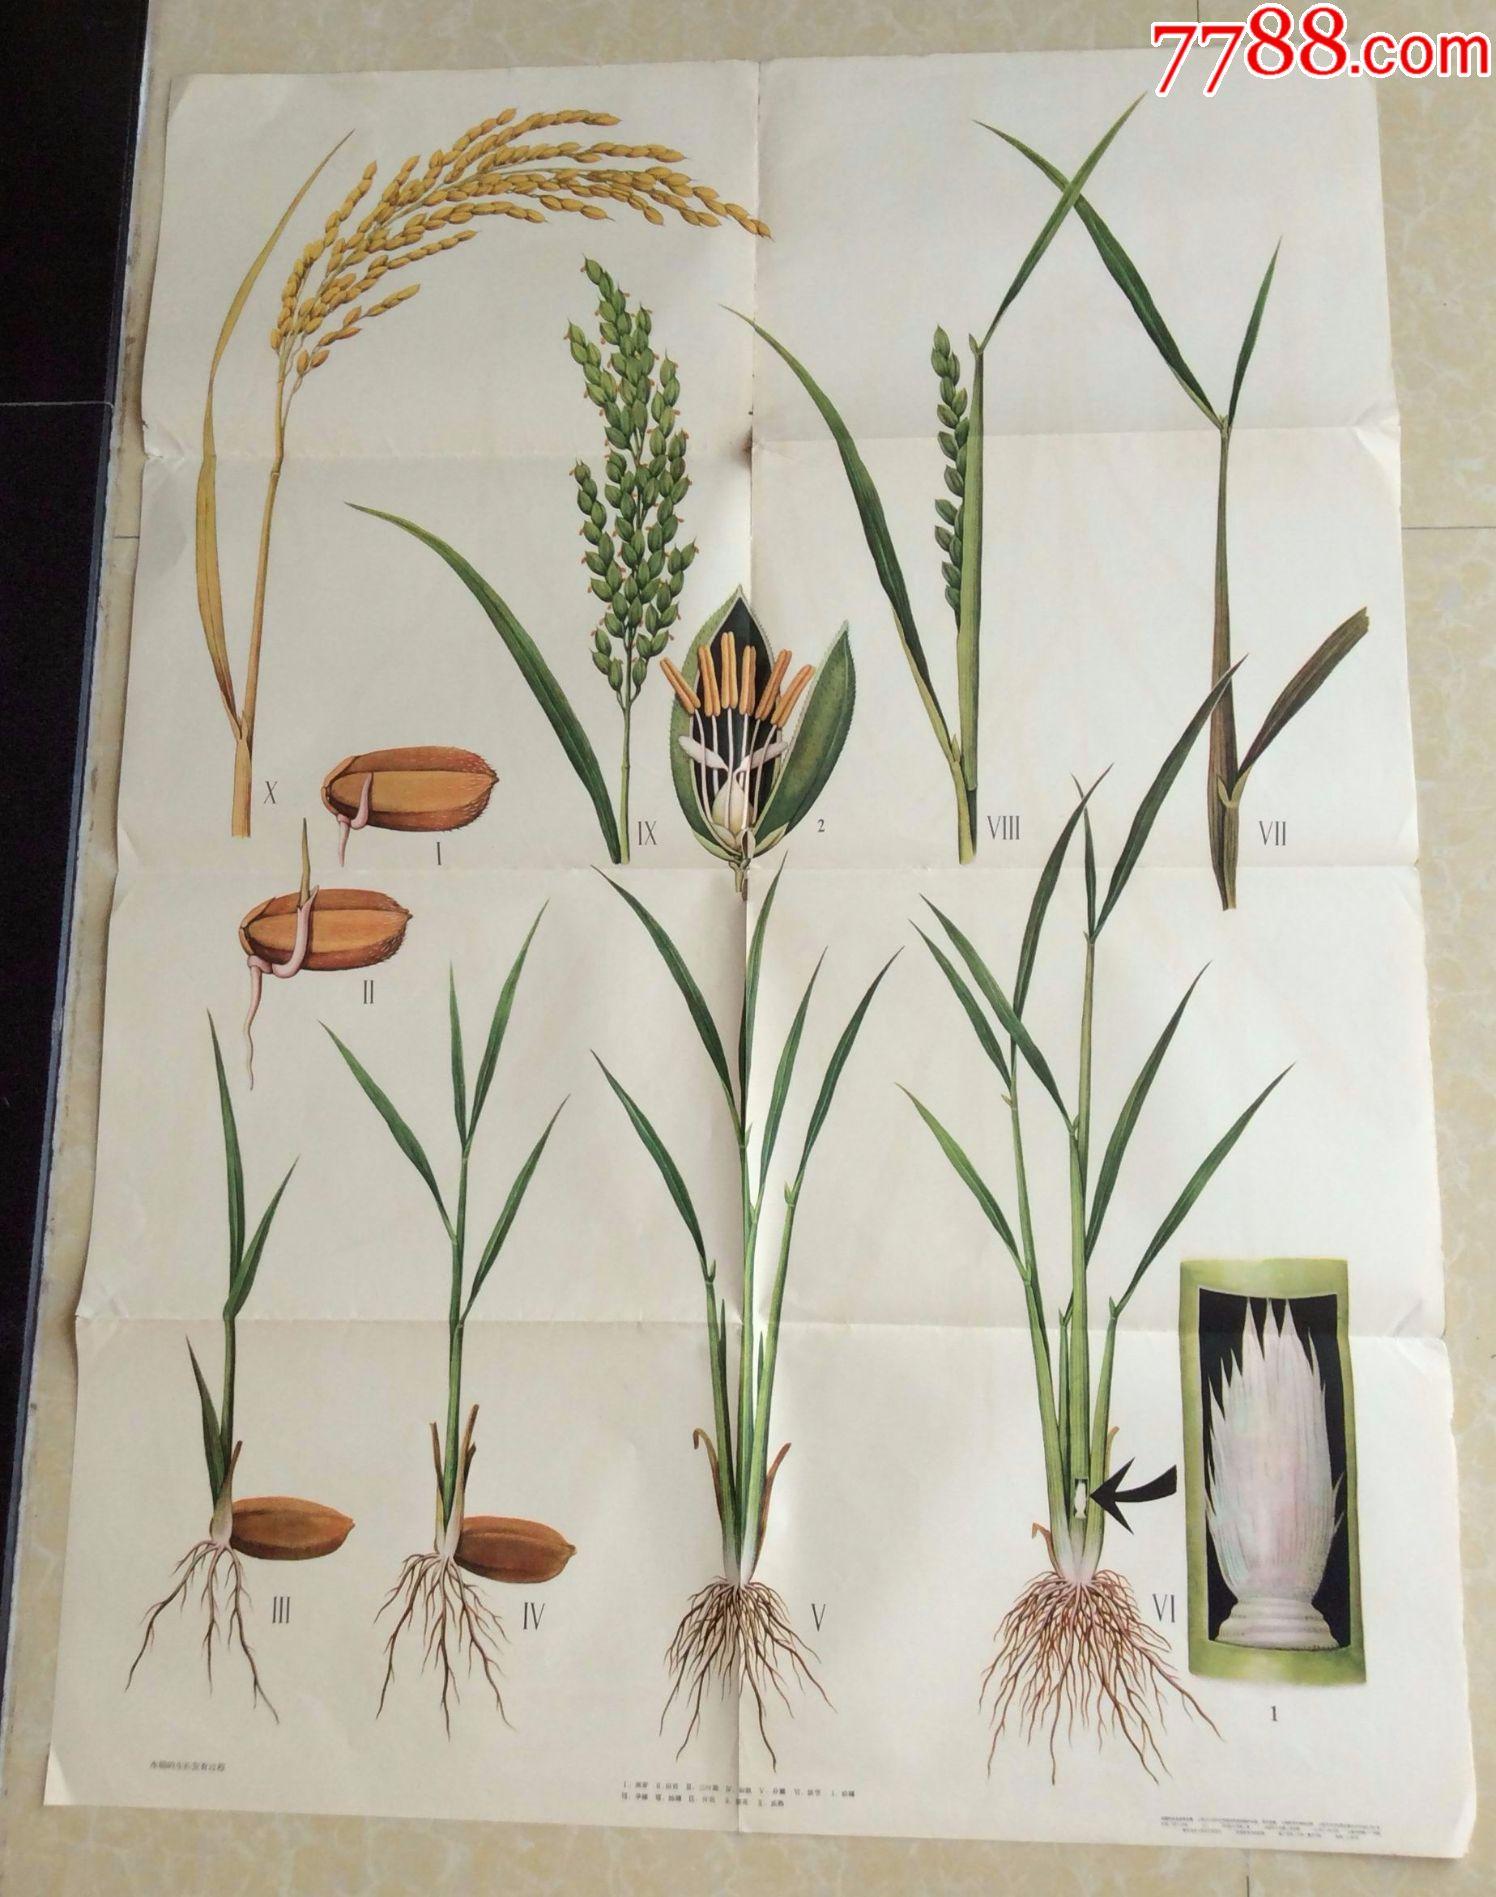 水稻的生长发育过程图片